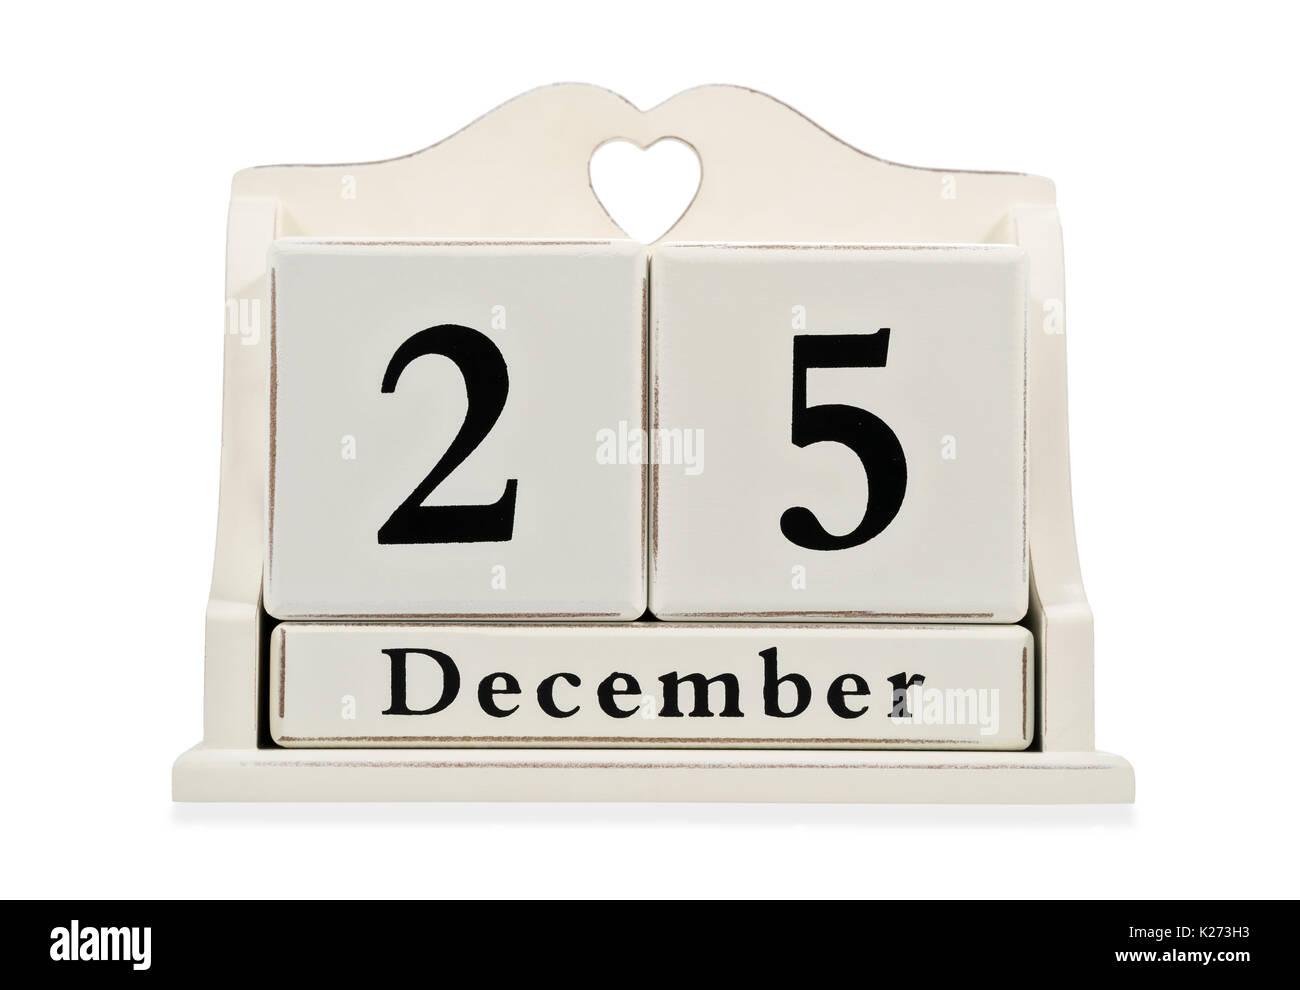 Weihnachten Datum.Dekorative Kalender Mit Weihnachten Datum Stockfoto Bild 156279119